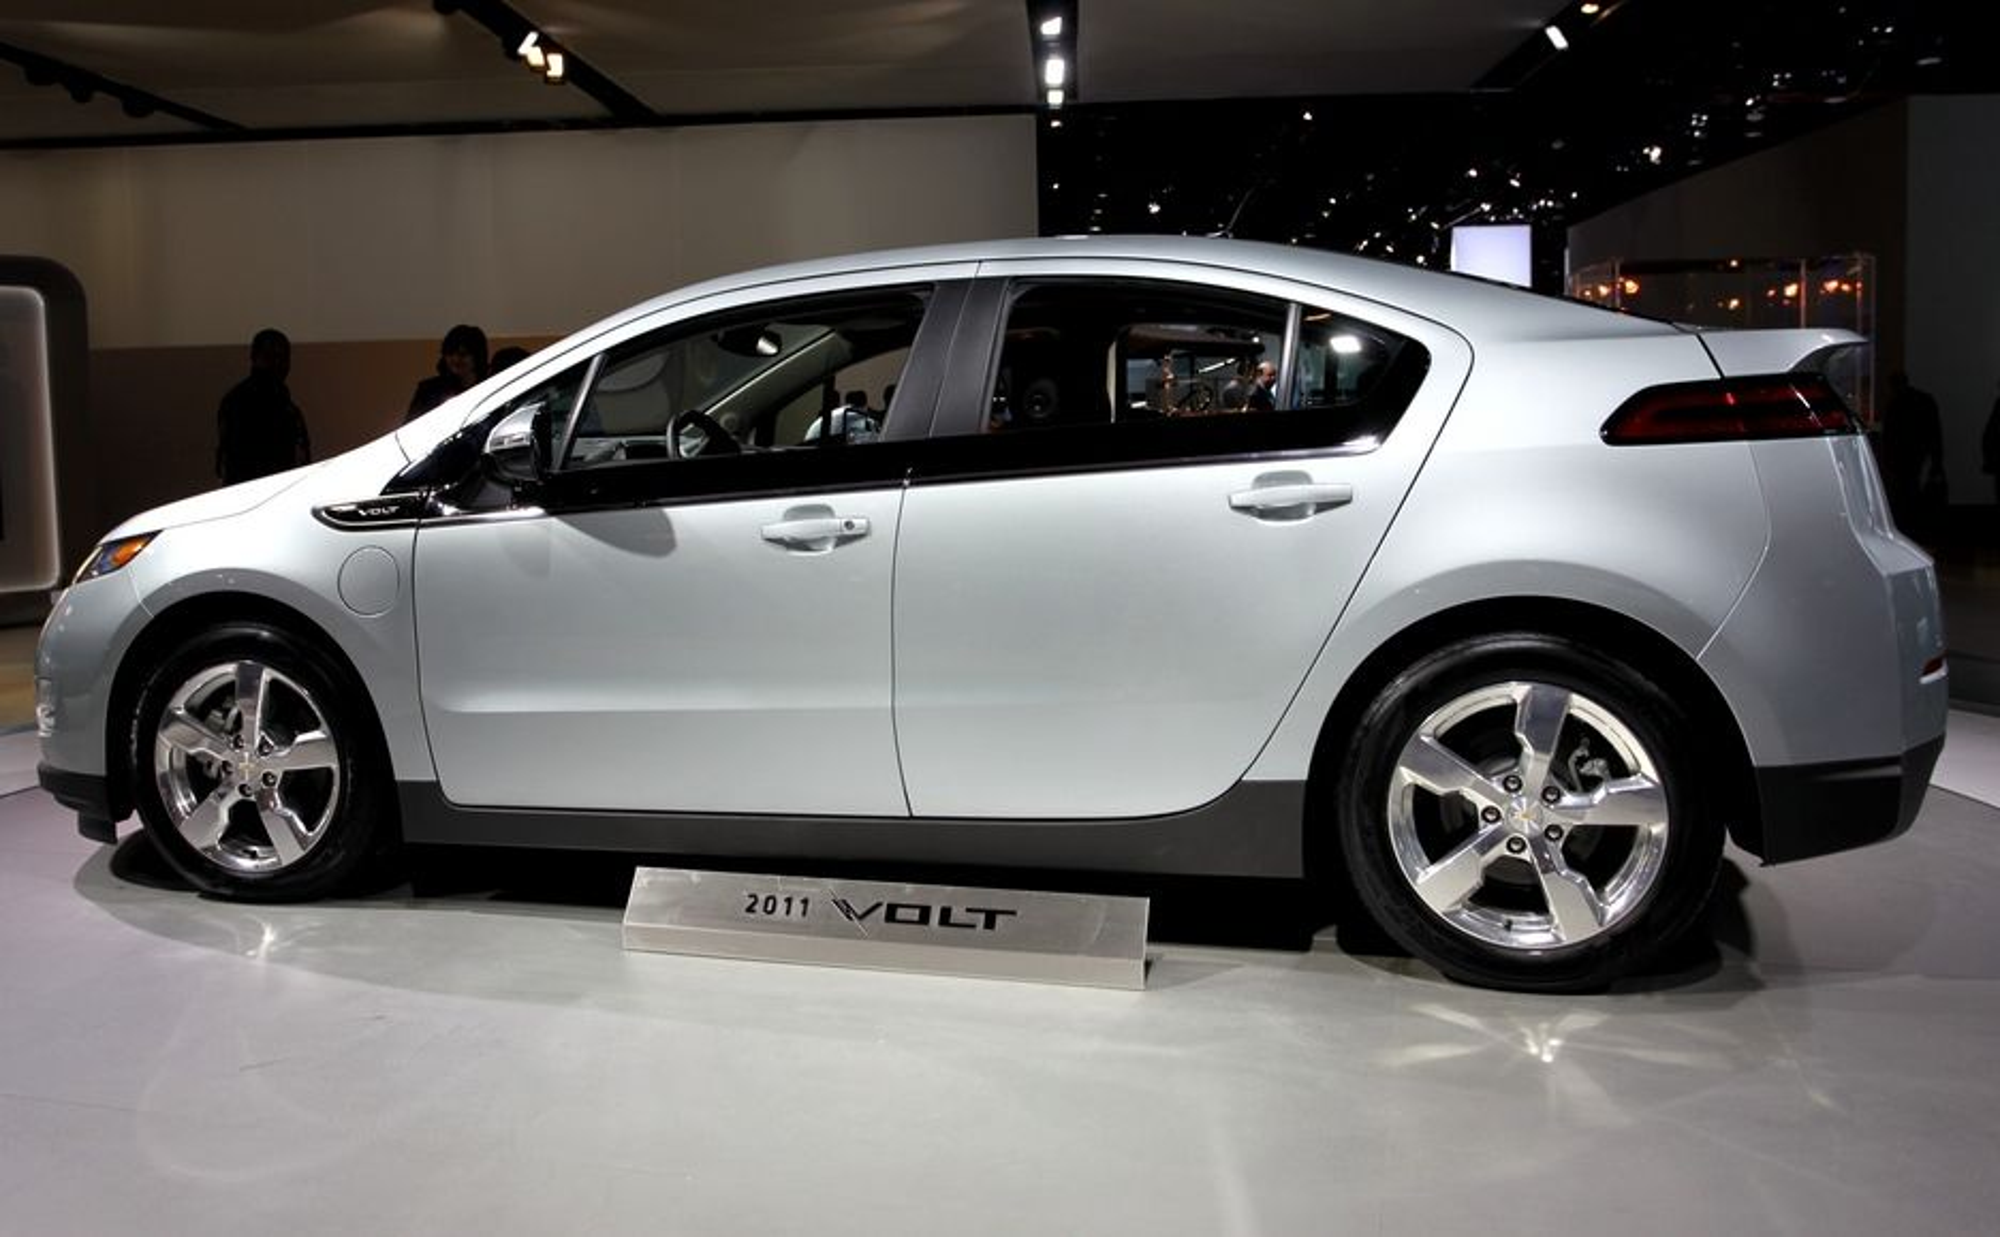 Plug-in-hybriden Chevy Volt ble kåret til årets bil i Nord-Amerika i konkurranse med blant annet elbilen Nissan Leaf som fikk den hedersbetegnelsen i Europa.